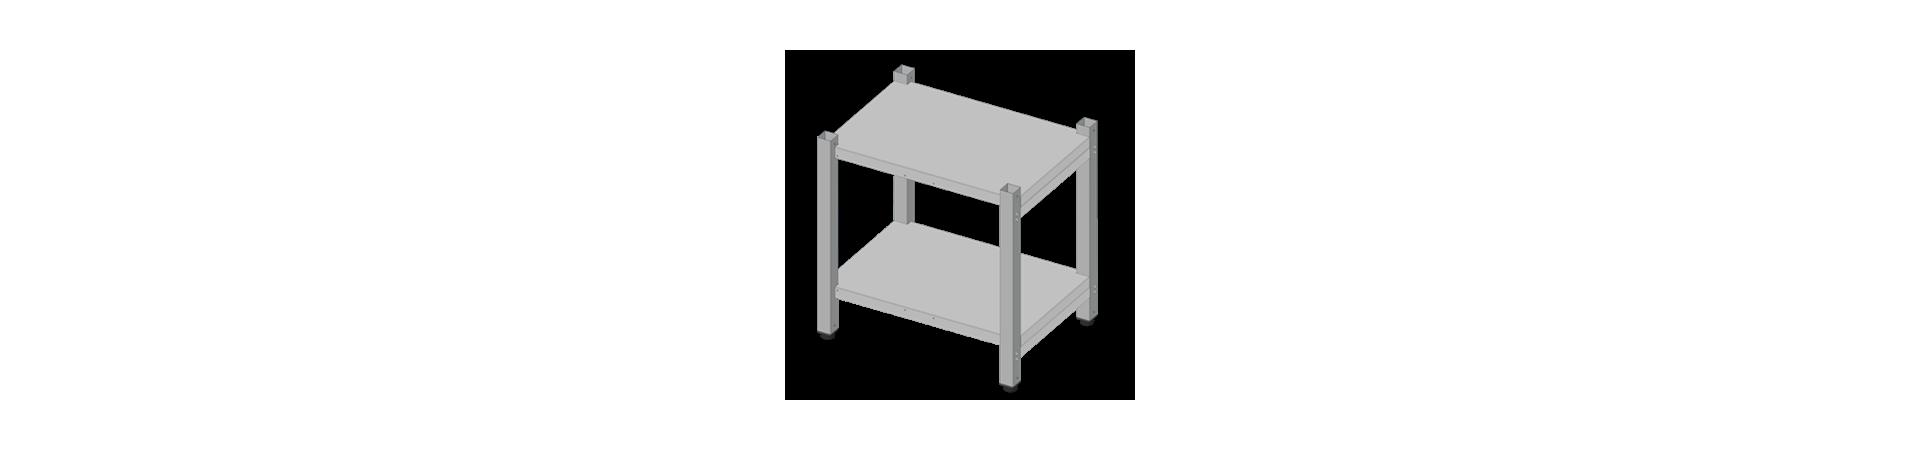 Accesorios hornos CHEFLUX - Unox